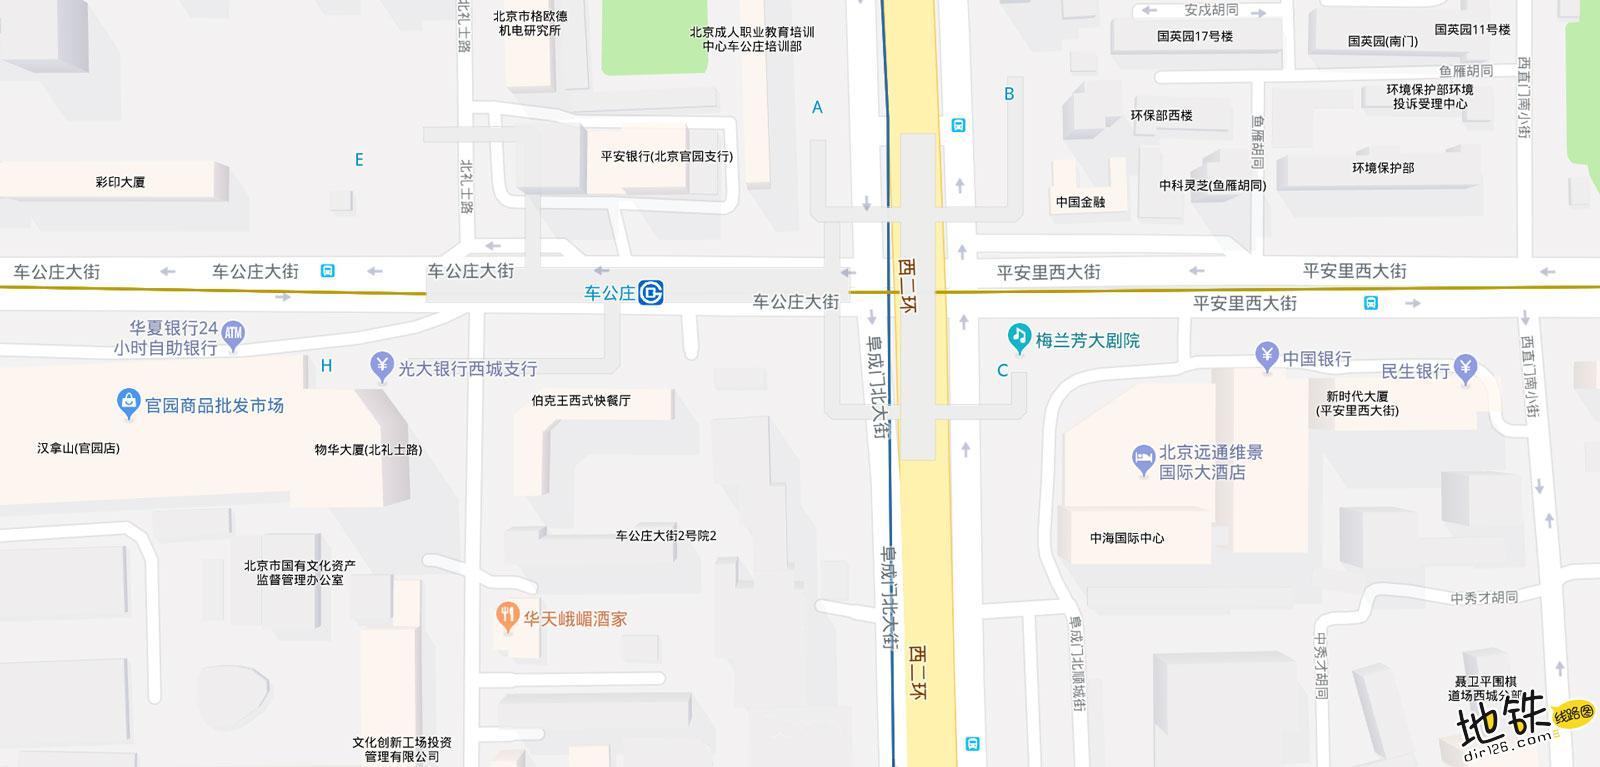 车公庄地铁站 北京地铁车公庄站出入口 地图信息查询  北京地铁站  第2张